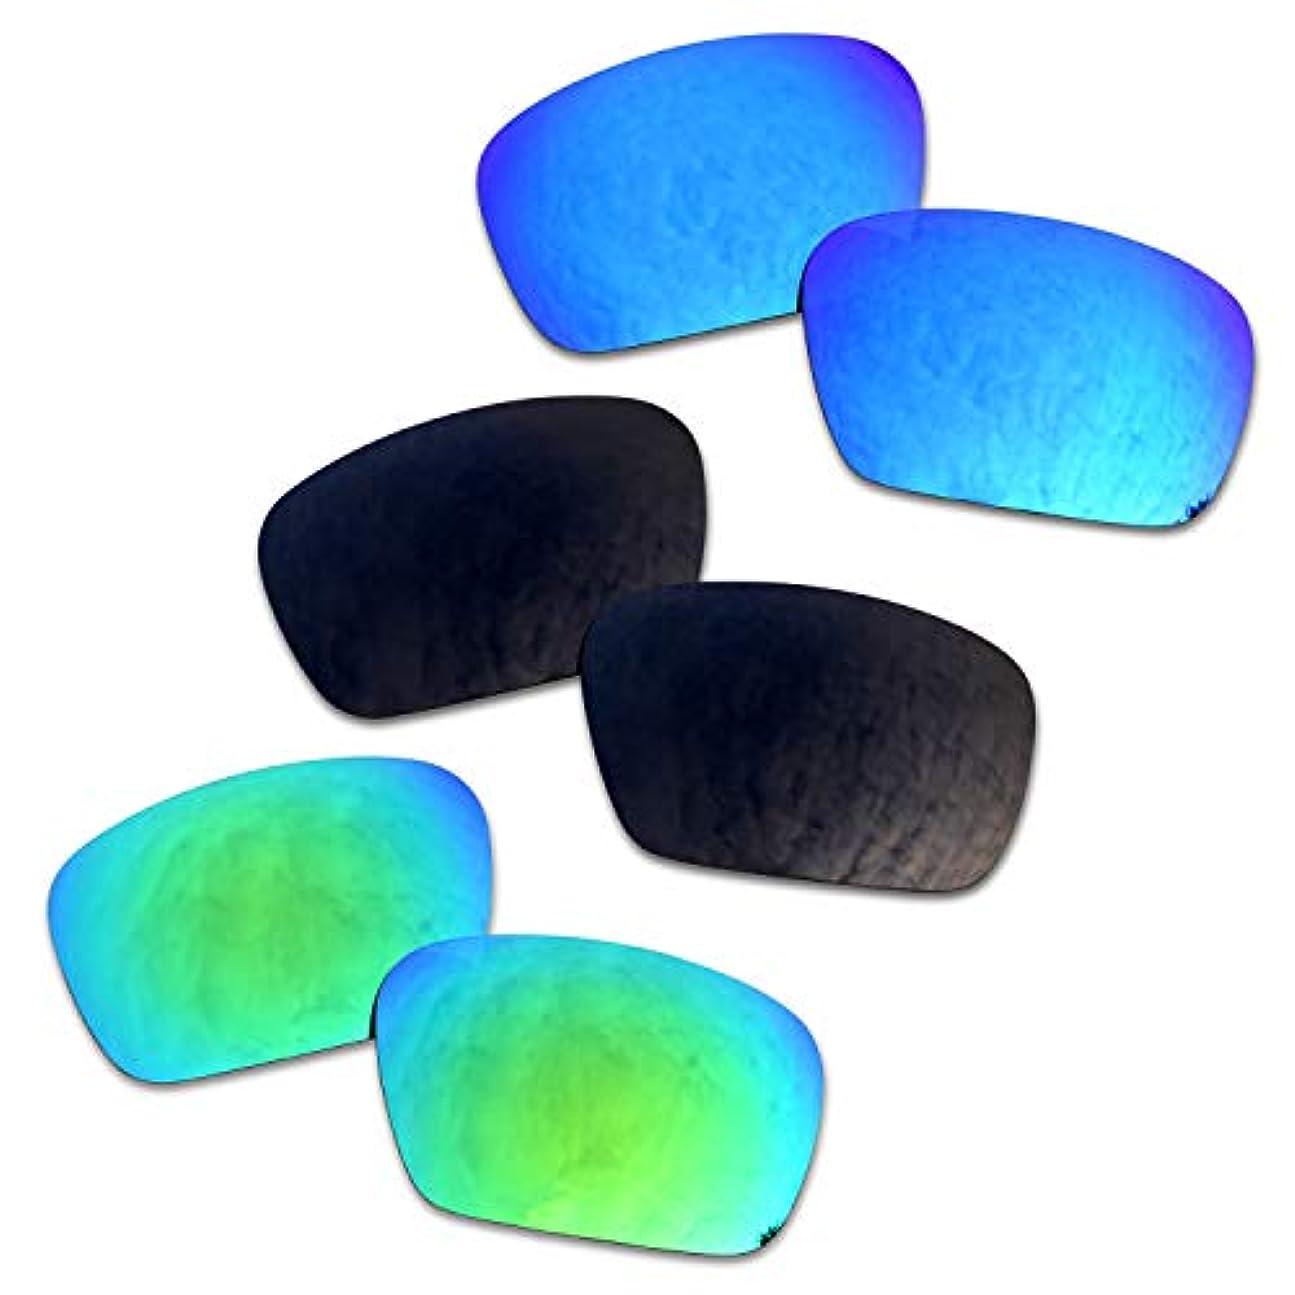 ディスカウント式名前を作るSOODASE 為に Oakley Badman サングラス ブルー/ブラック/グリーン 偏光交換使用するレンズ